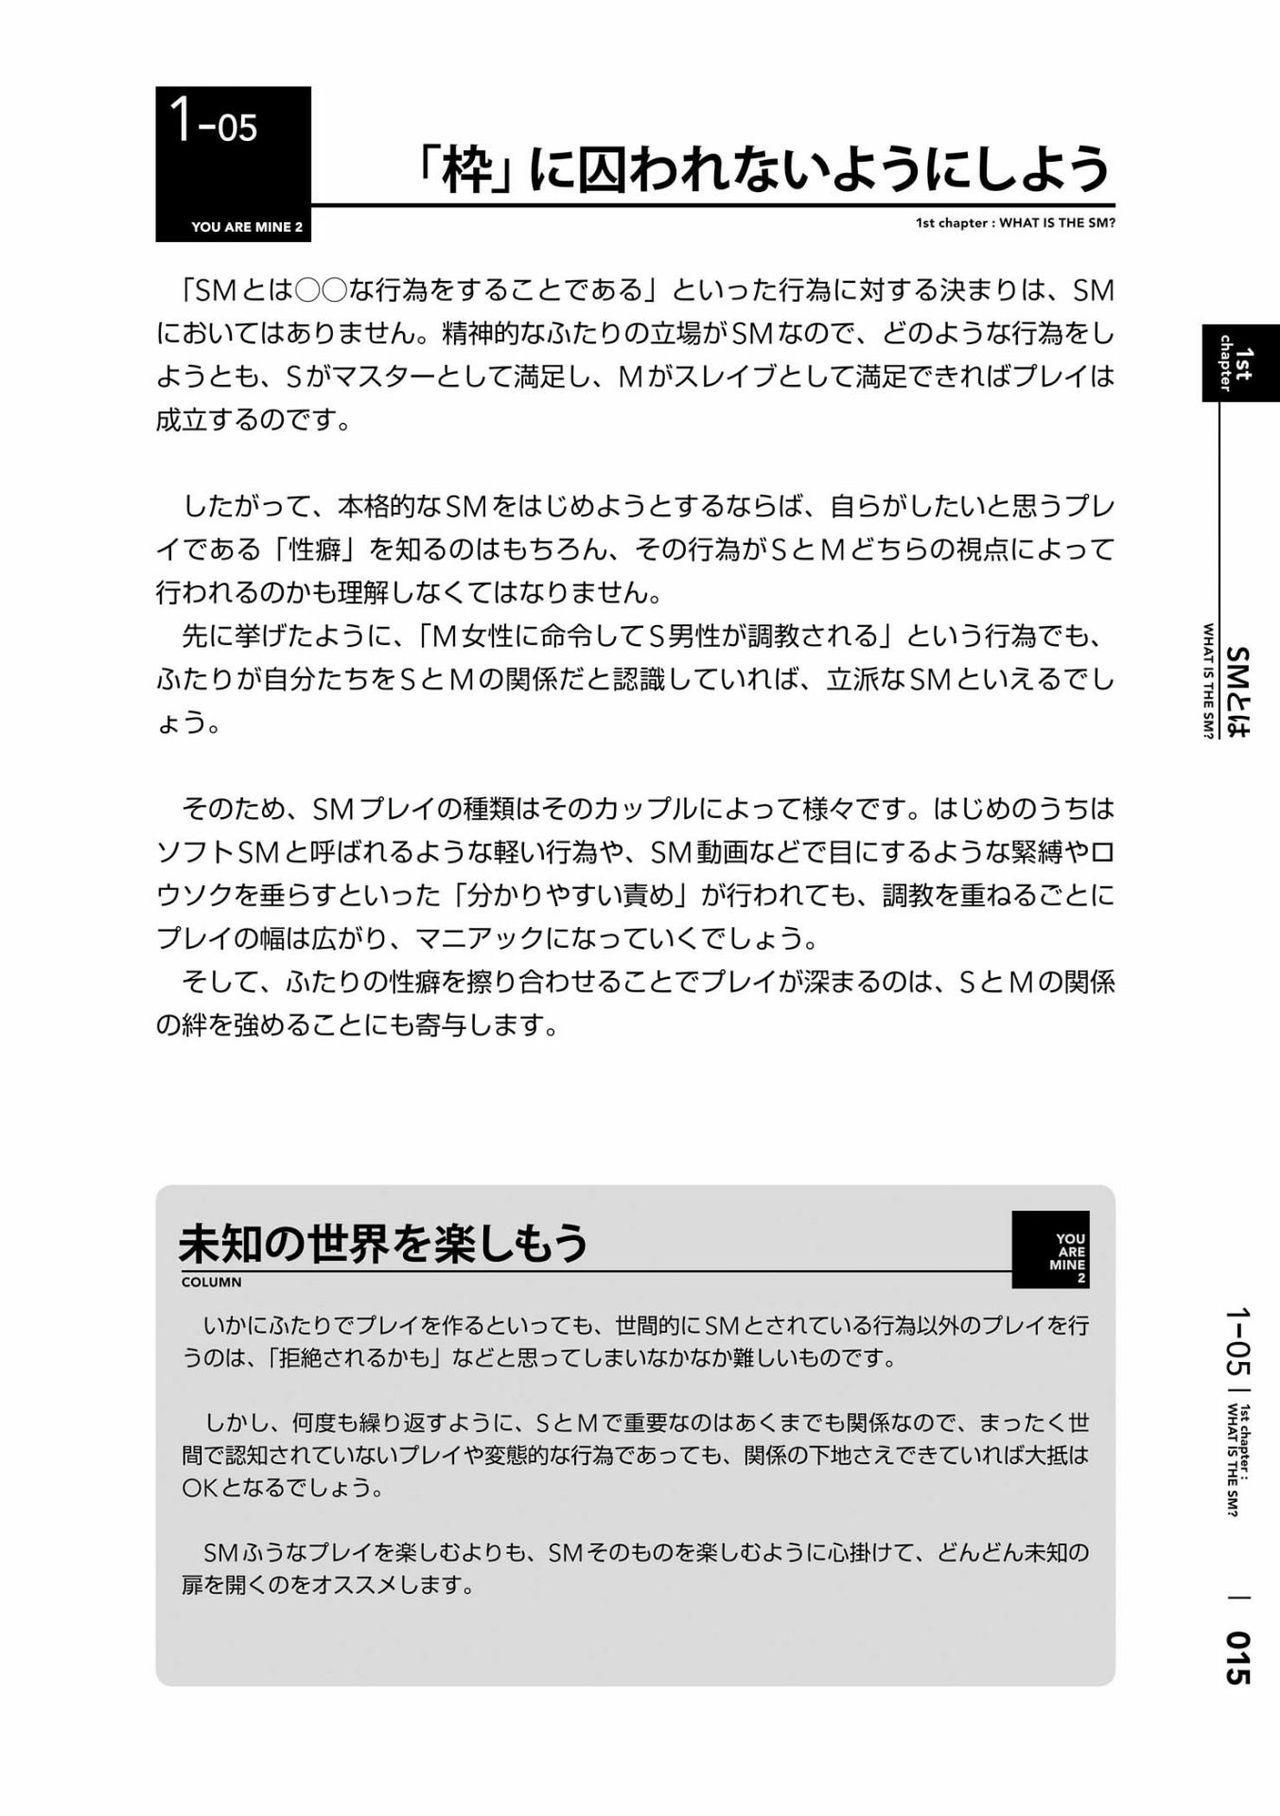 [Mitsuba] Karada mo Kokoro mo Boku no Mono ~Hajimete no SM Guide~ 2 [Digital] 17